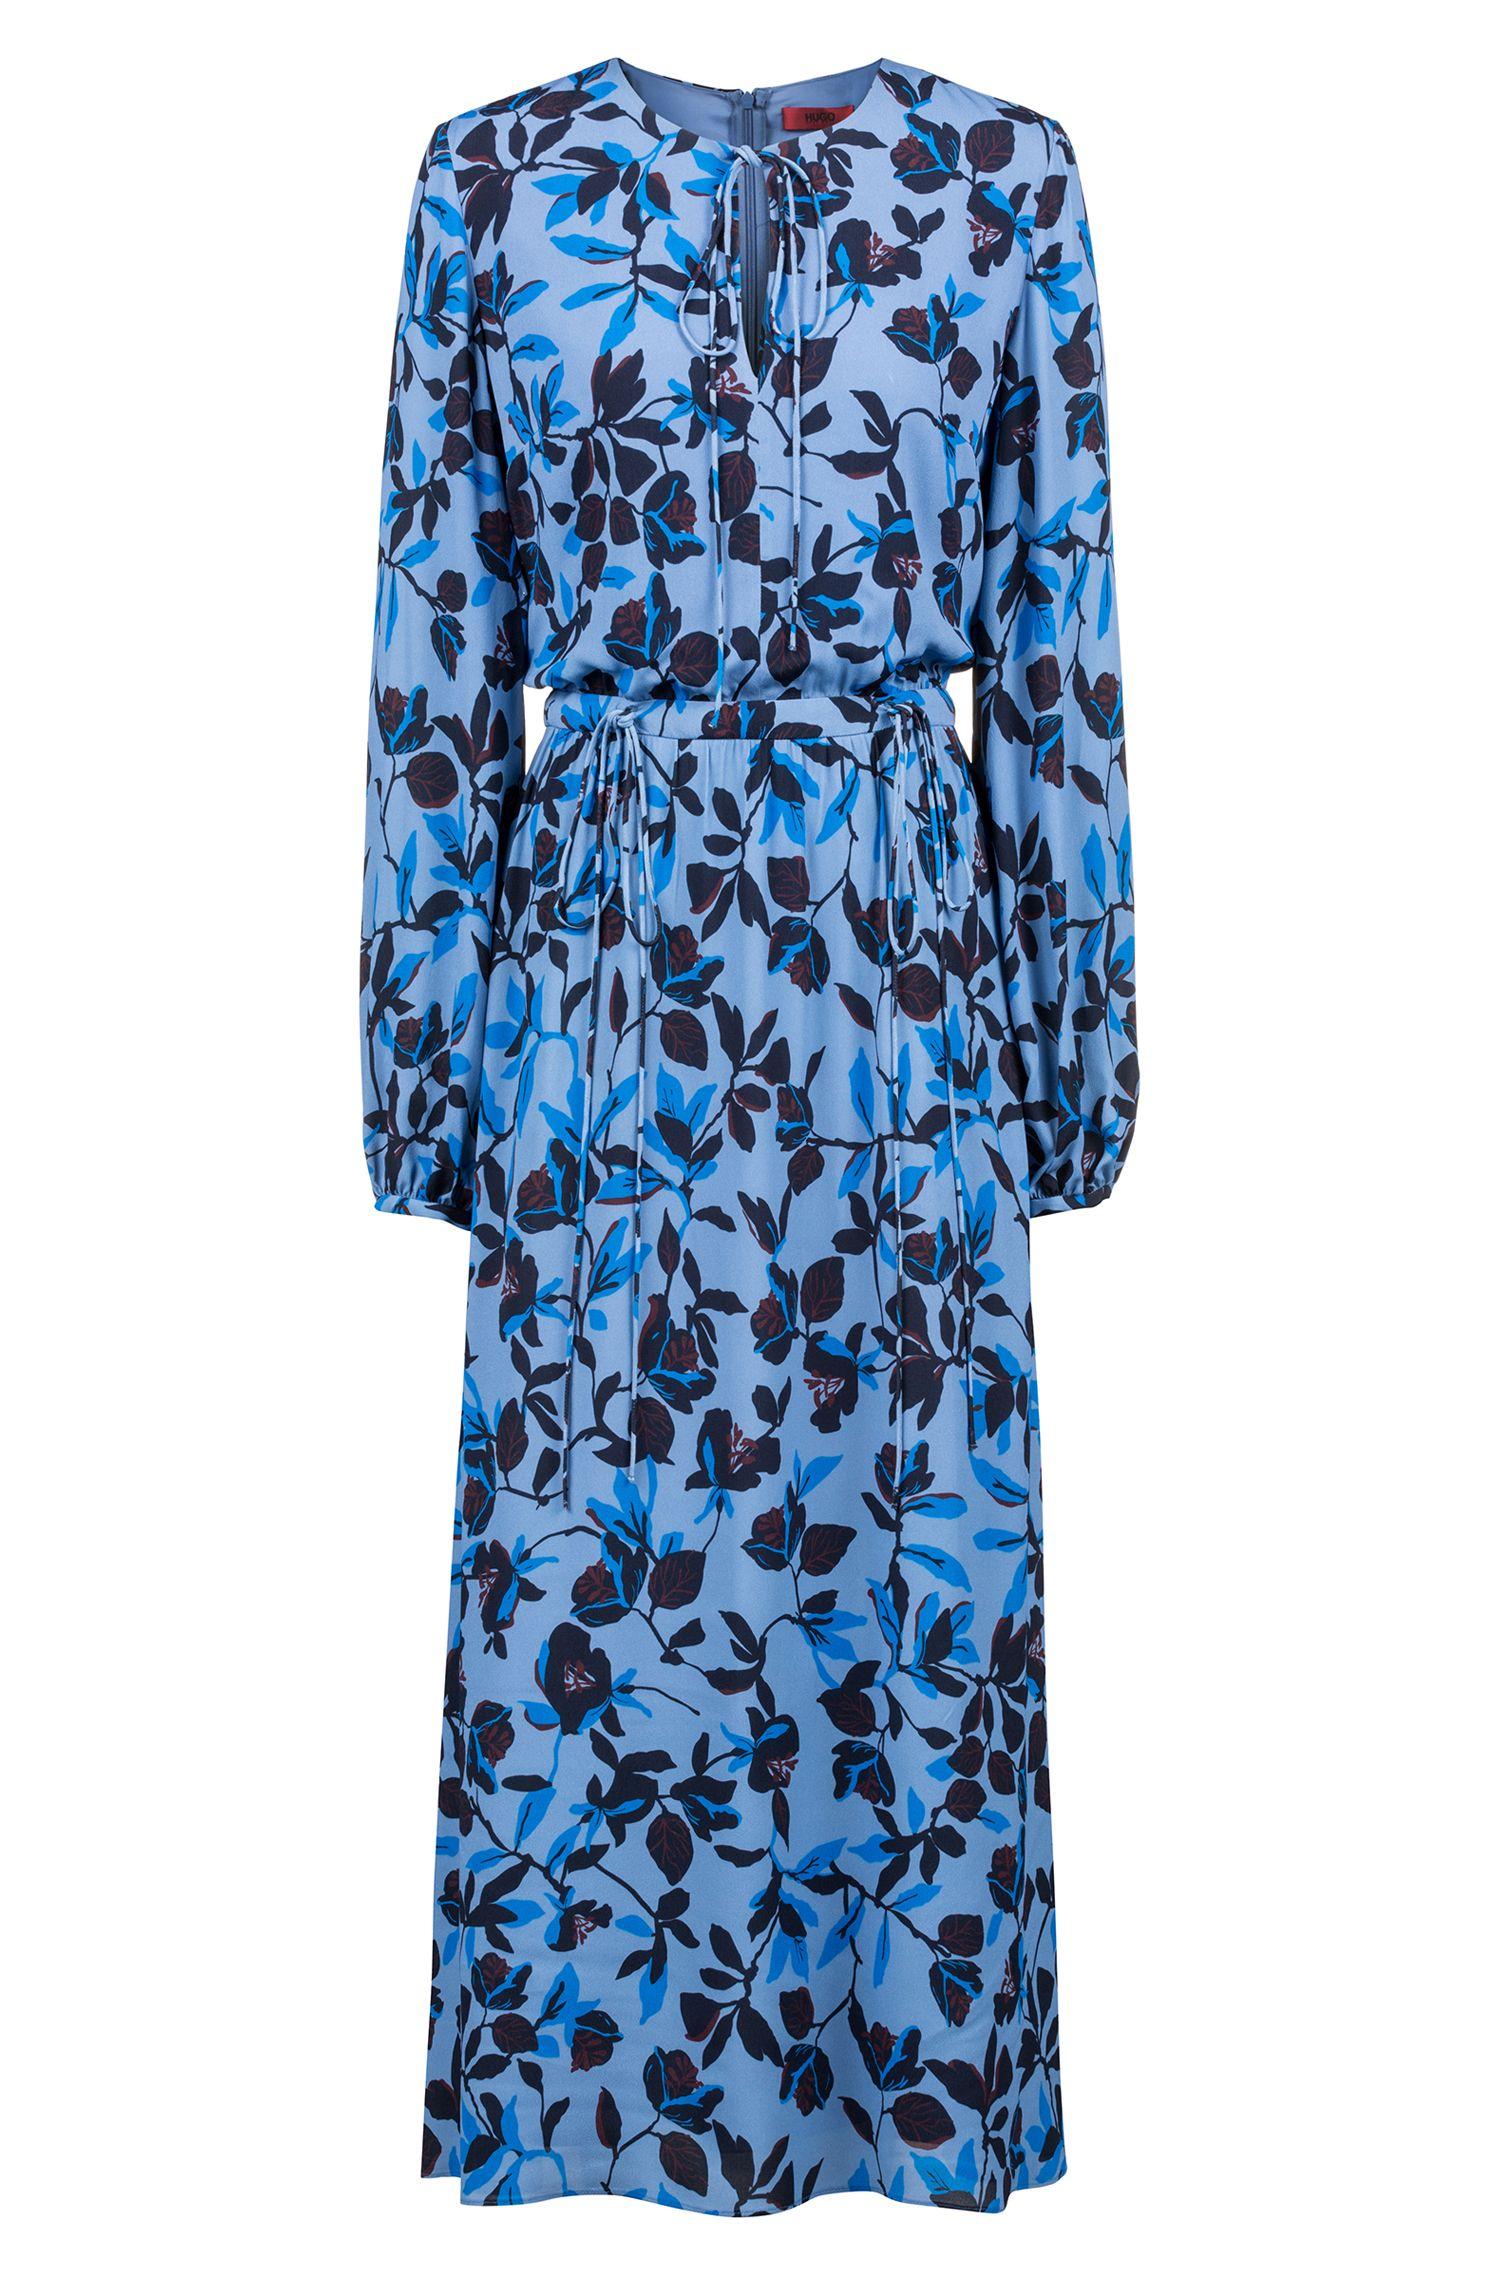 Une robe mi-longue légère à imprimé à fleurs et liens à nouer, Fantaisie